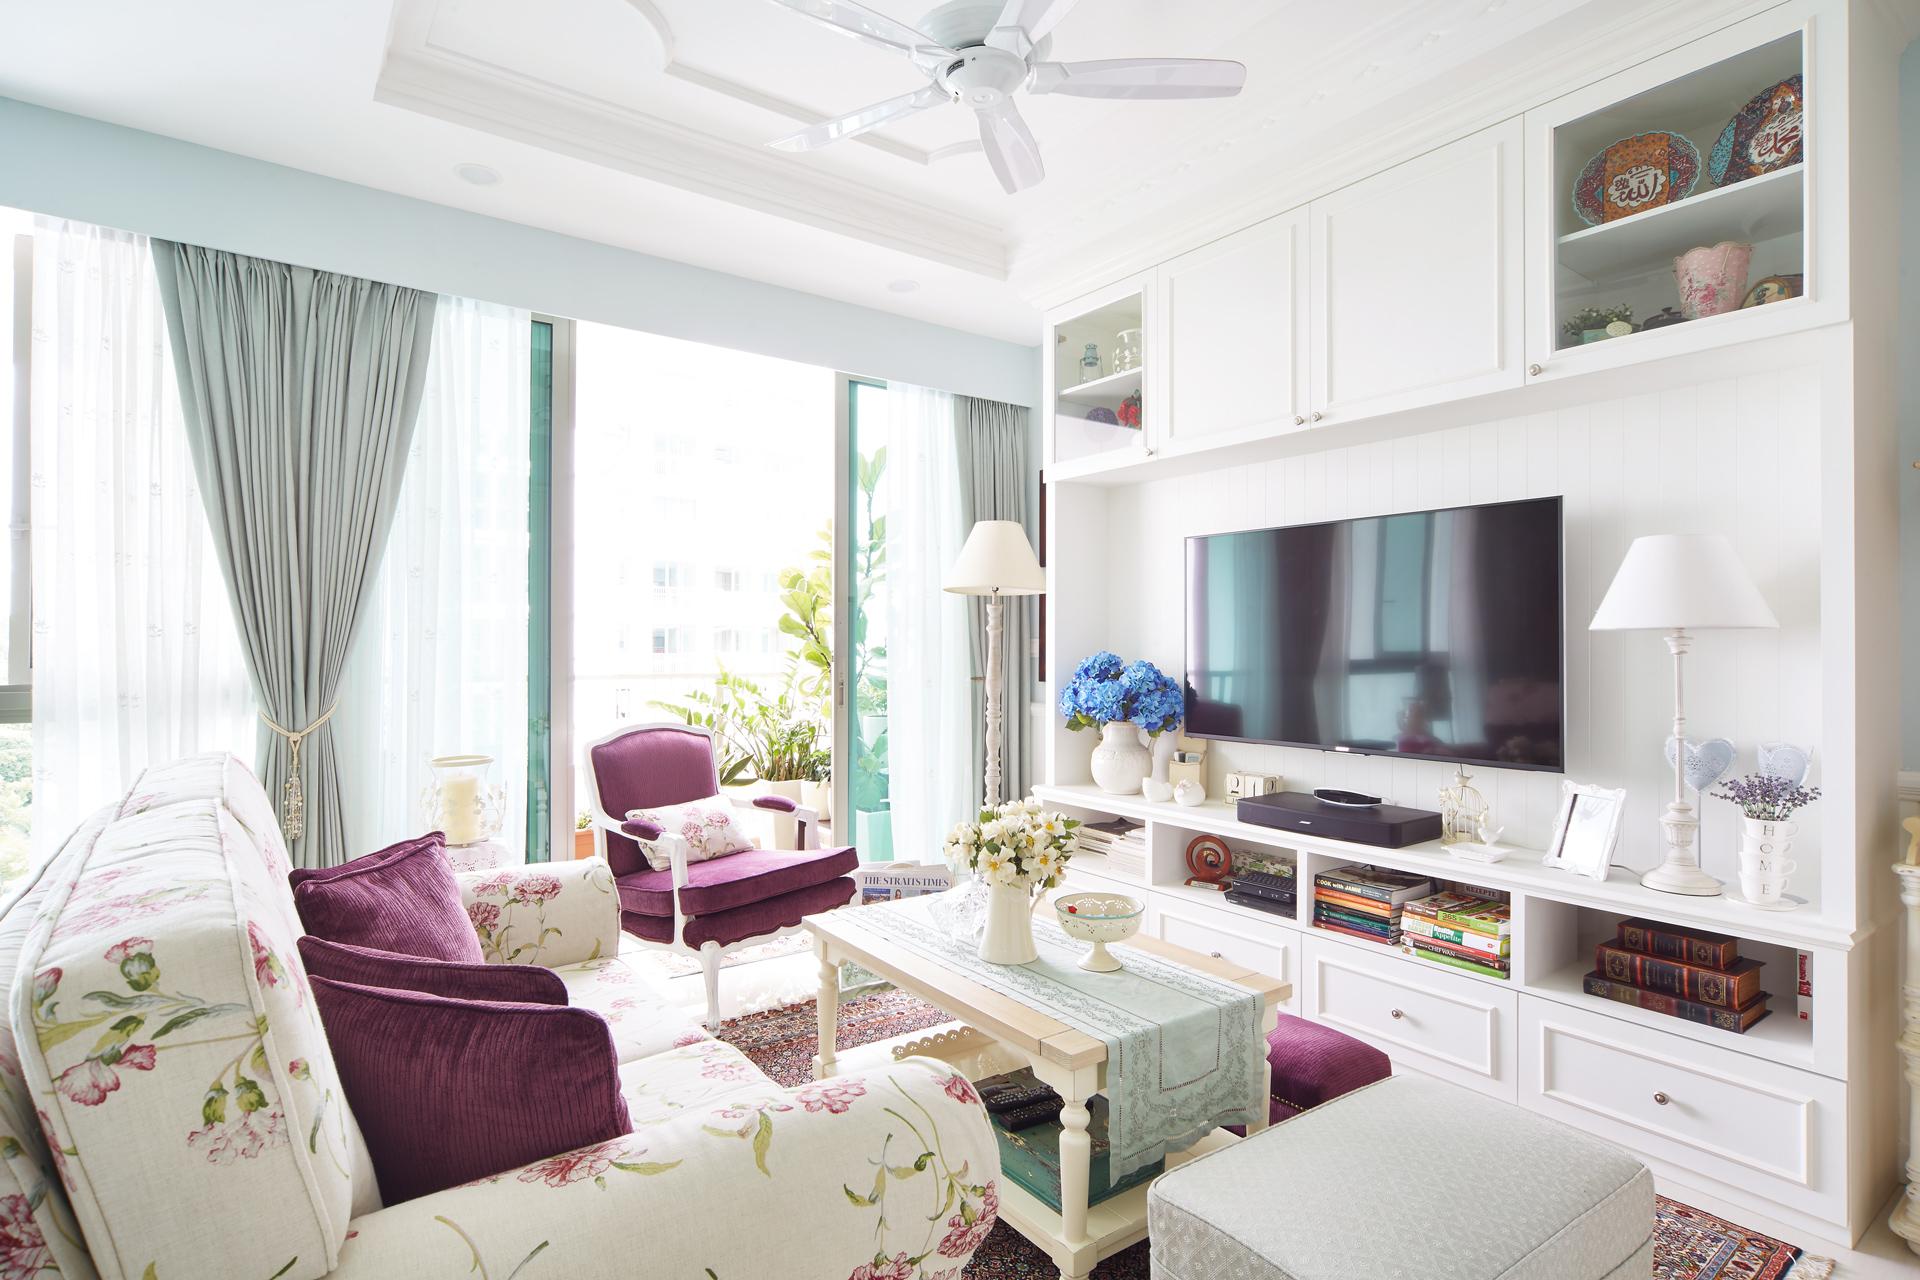 Однокомнатная квартира в стиле прованс с залом